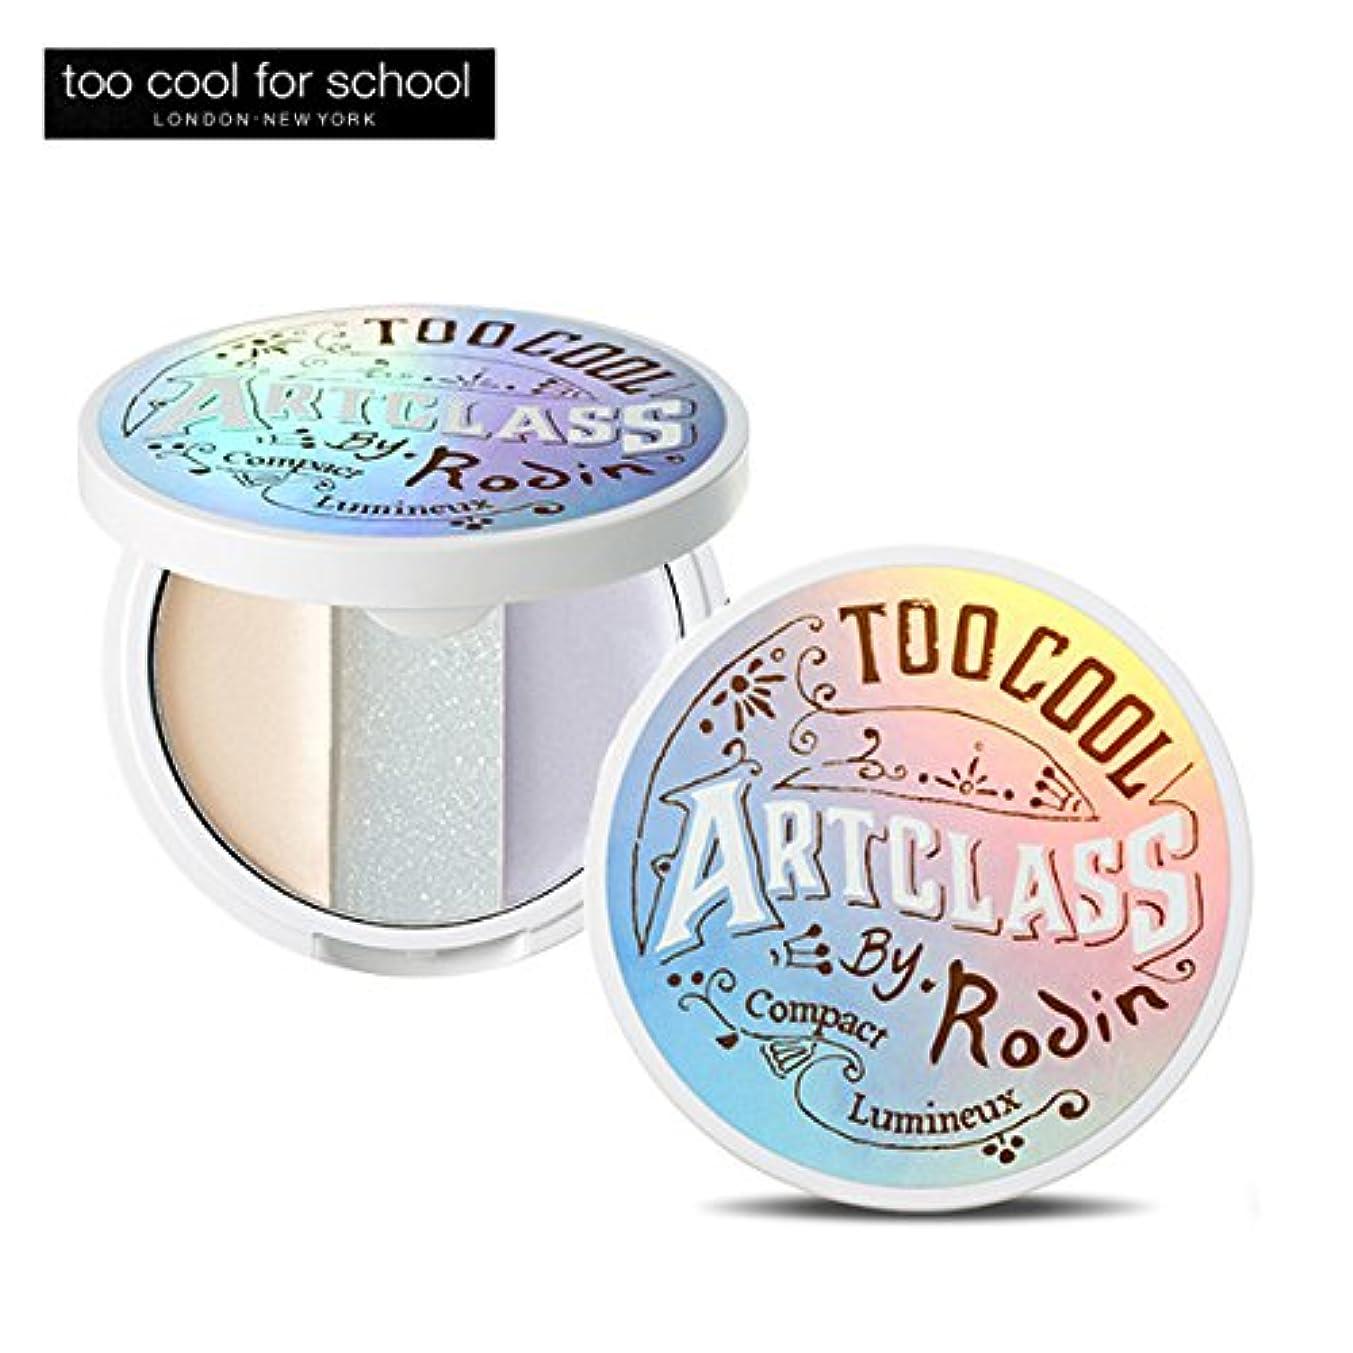 ピンチ下る必要条件too cool for school(トゥークールフォースクール) アートクラス バイロデン ルミナスバーニッシュ(Art Class By Rodin Lumineuse Varnish)7g